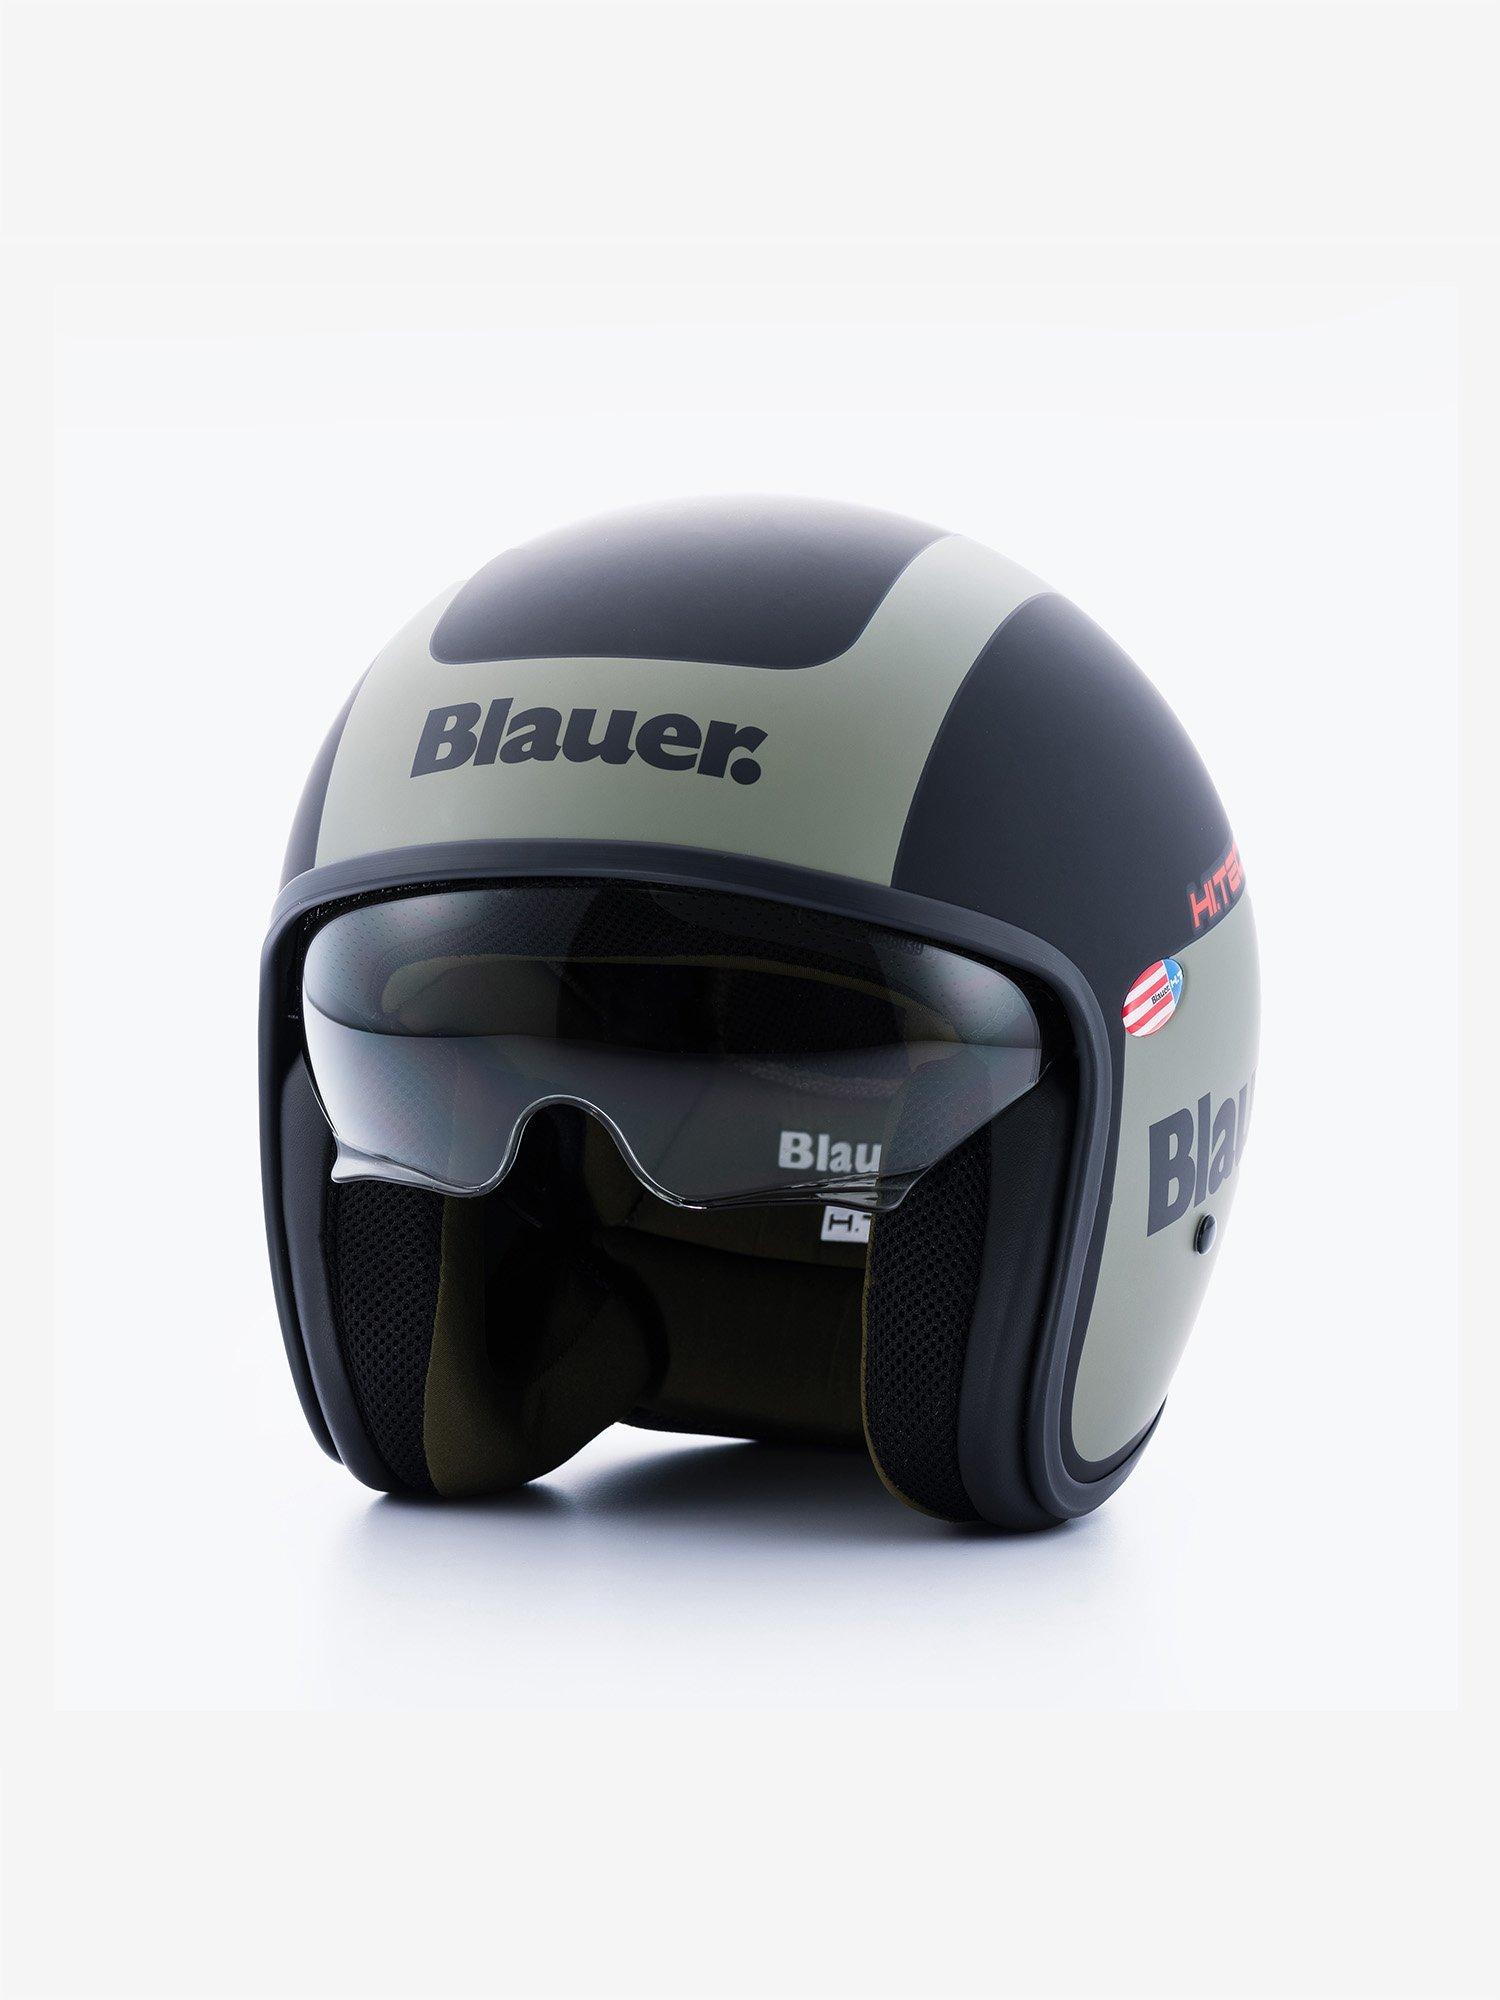 Blauer - PILOT 1.1 BICOLOR MATT - Black Matt / Green In. Green - Blauer